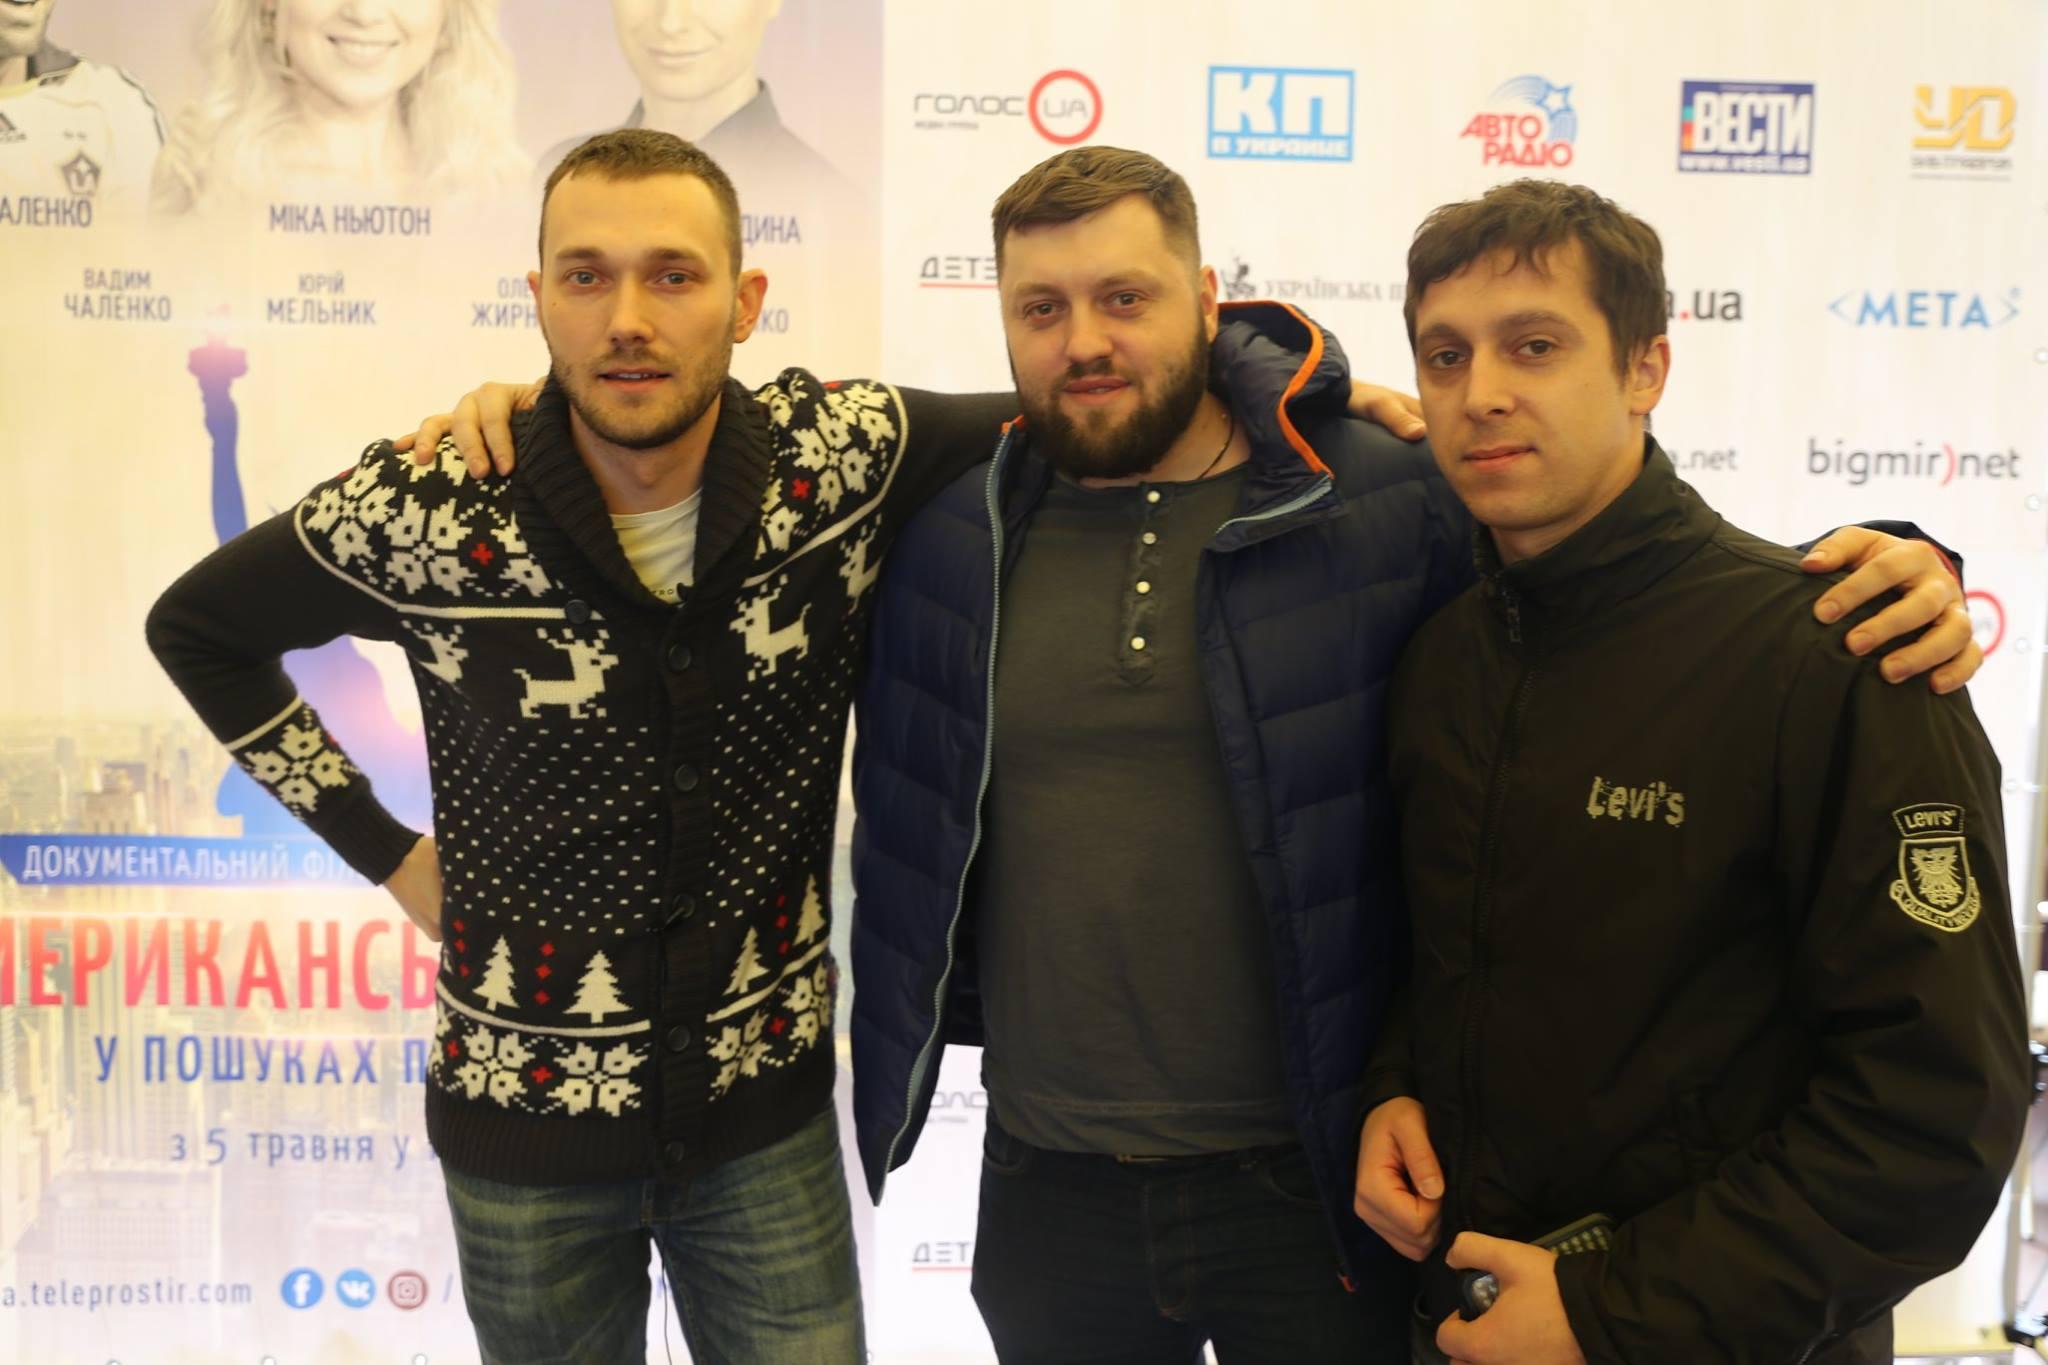 Володимир Мула - Американська мрія